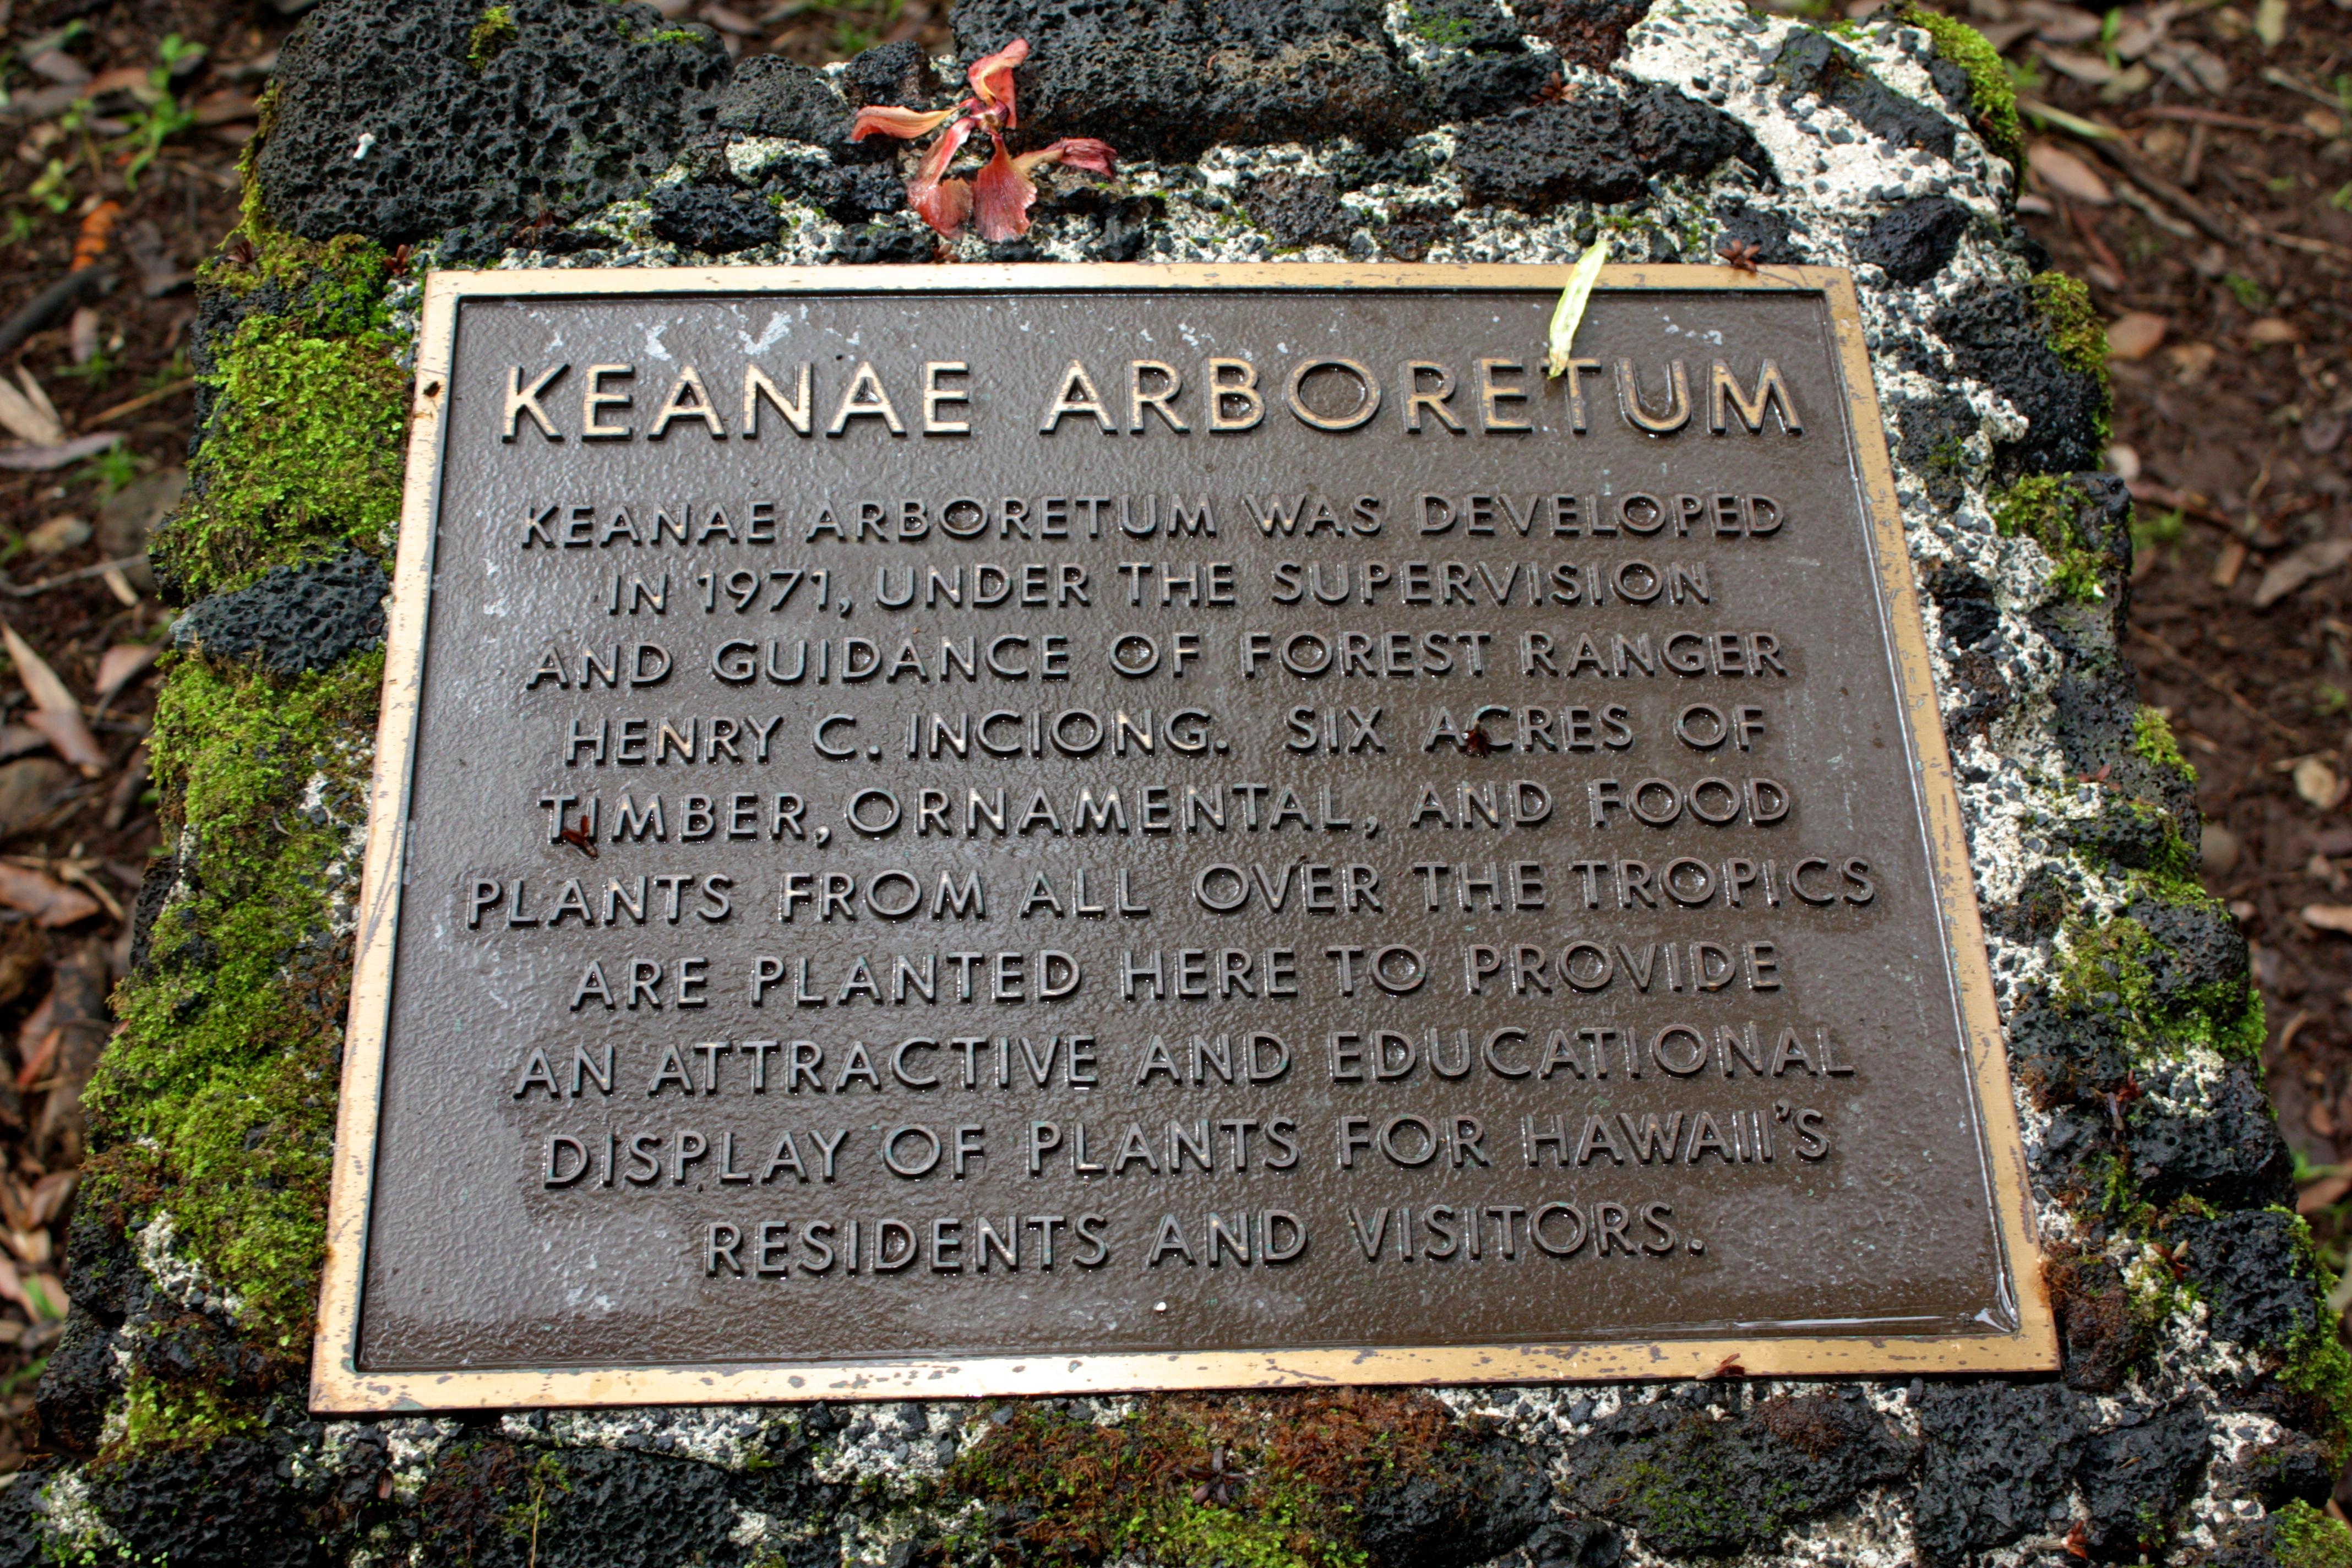 Keanae Arboretum